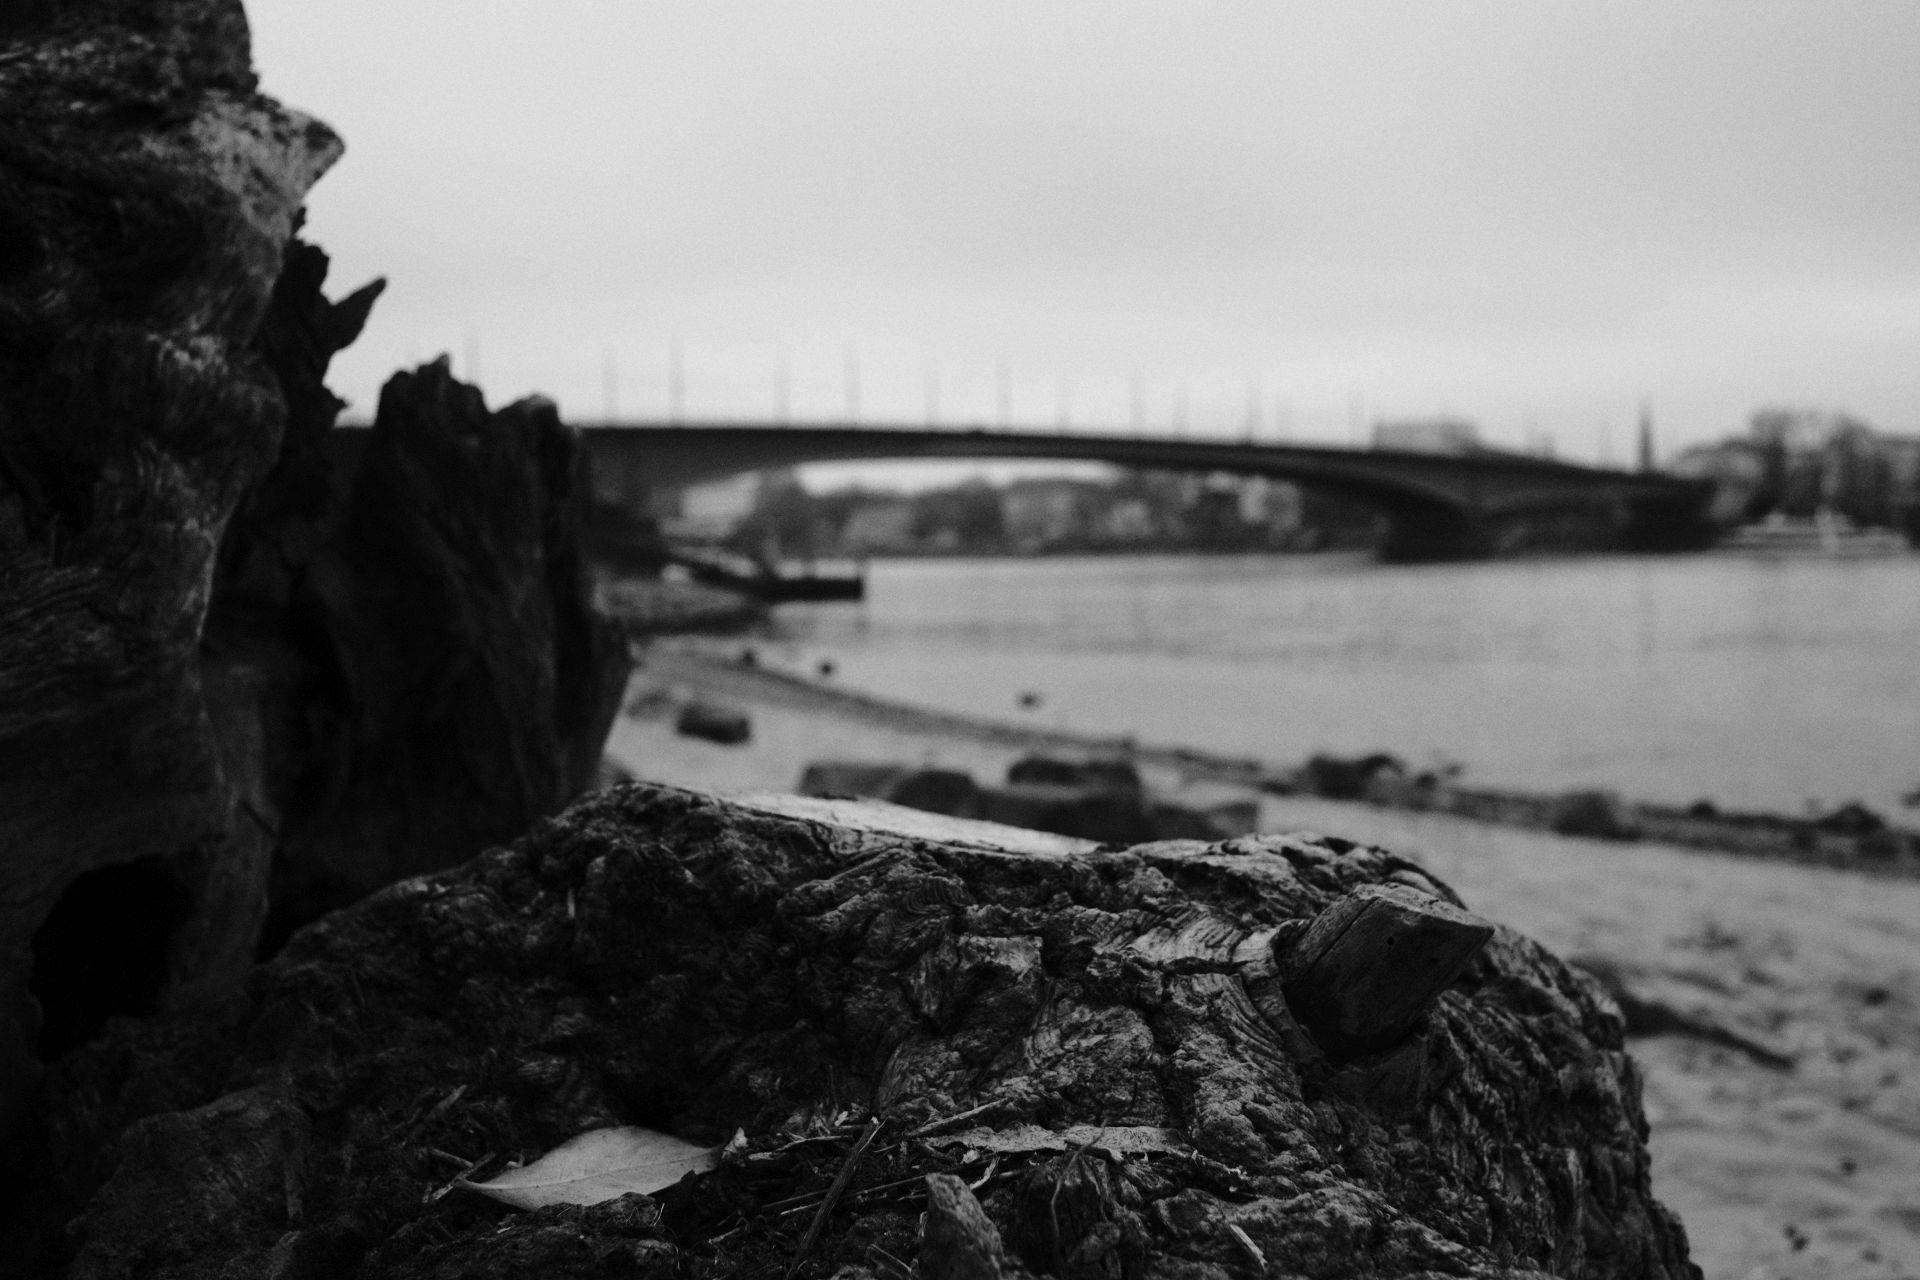 Kennedybrücke 1/2500sec ISO-3200 22mm